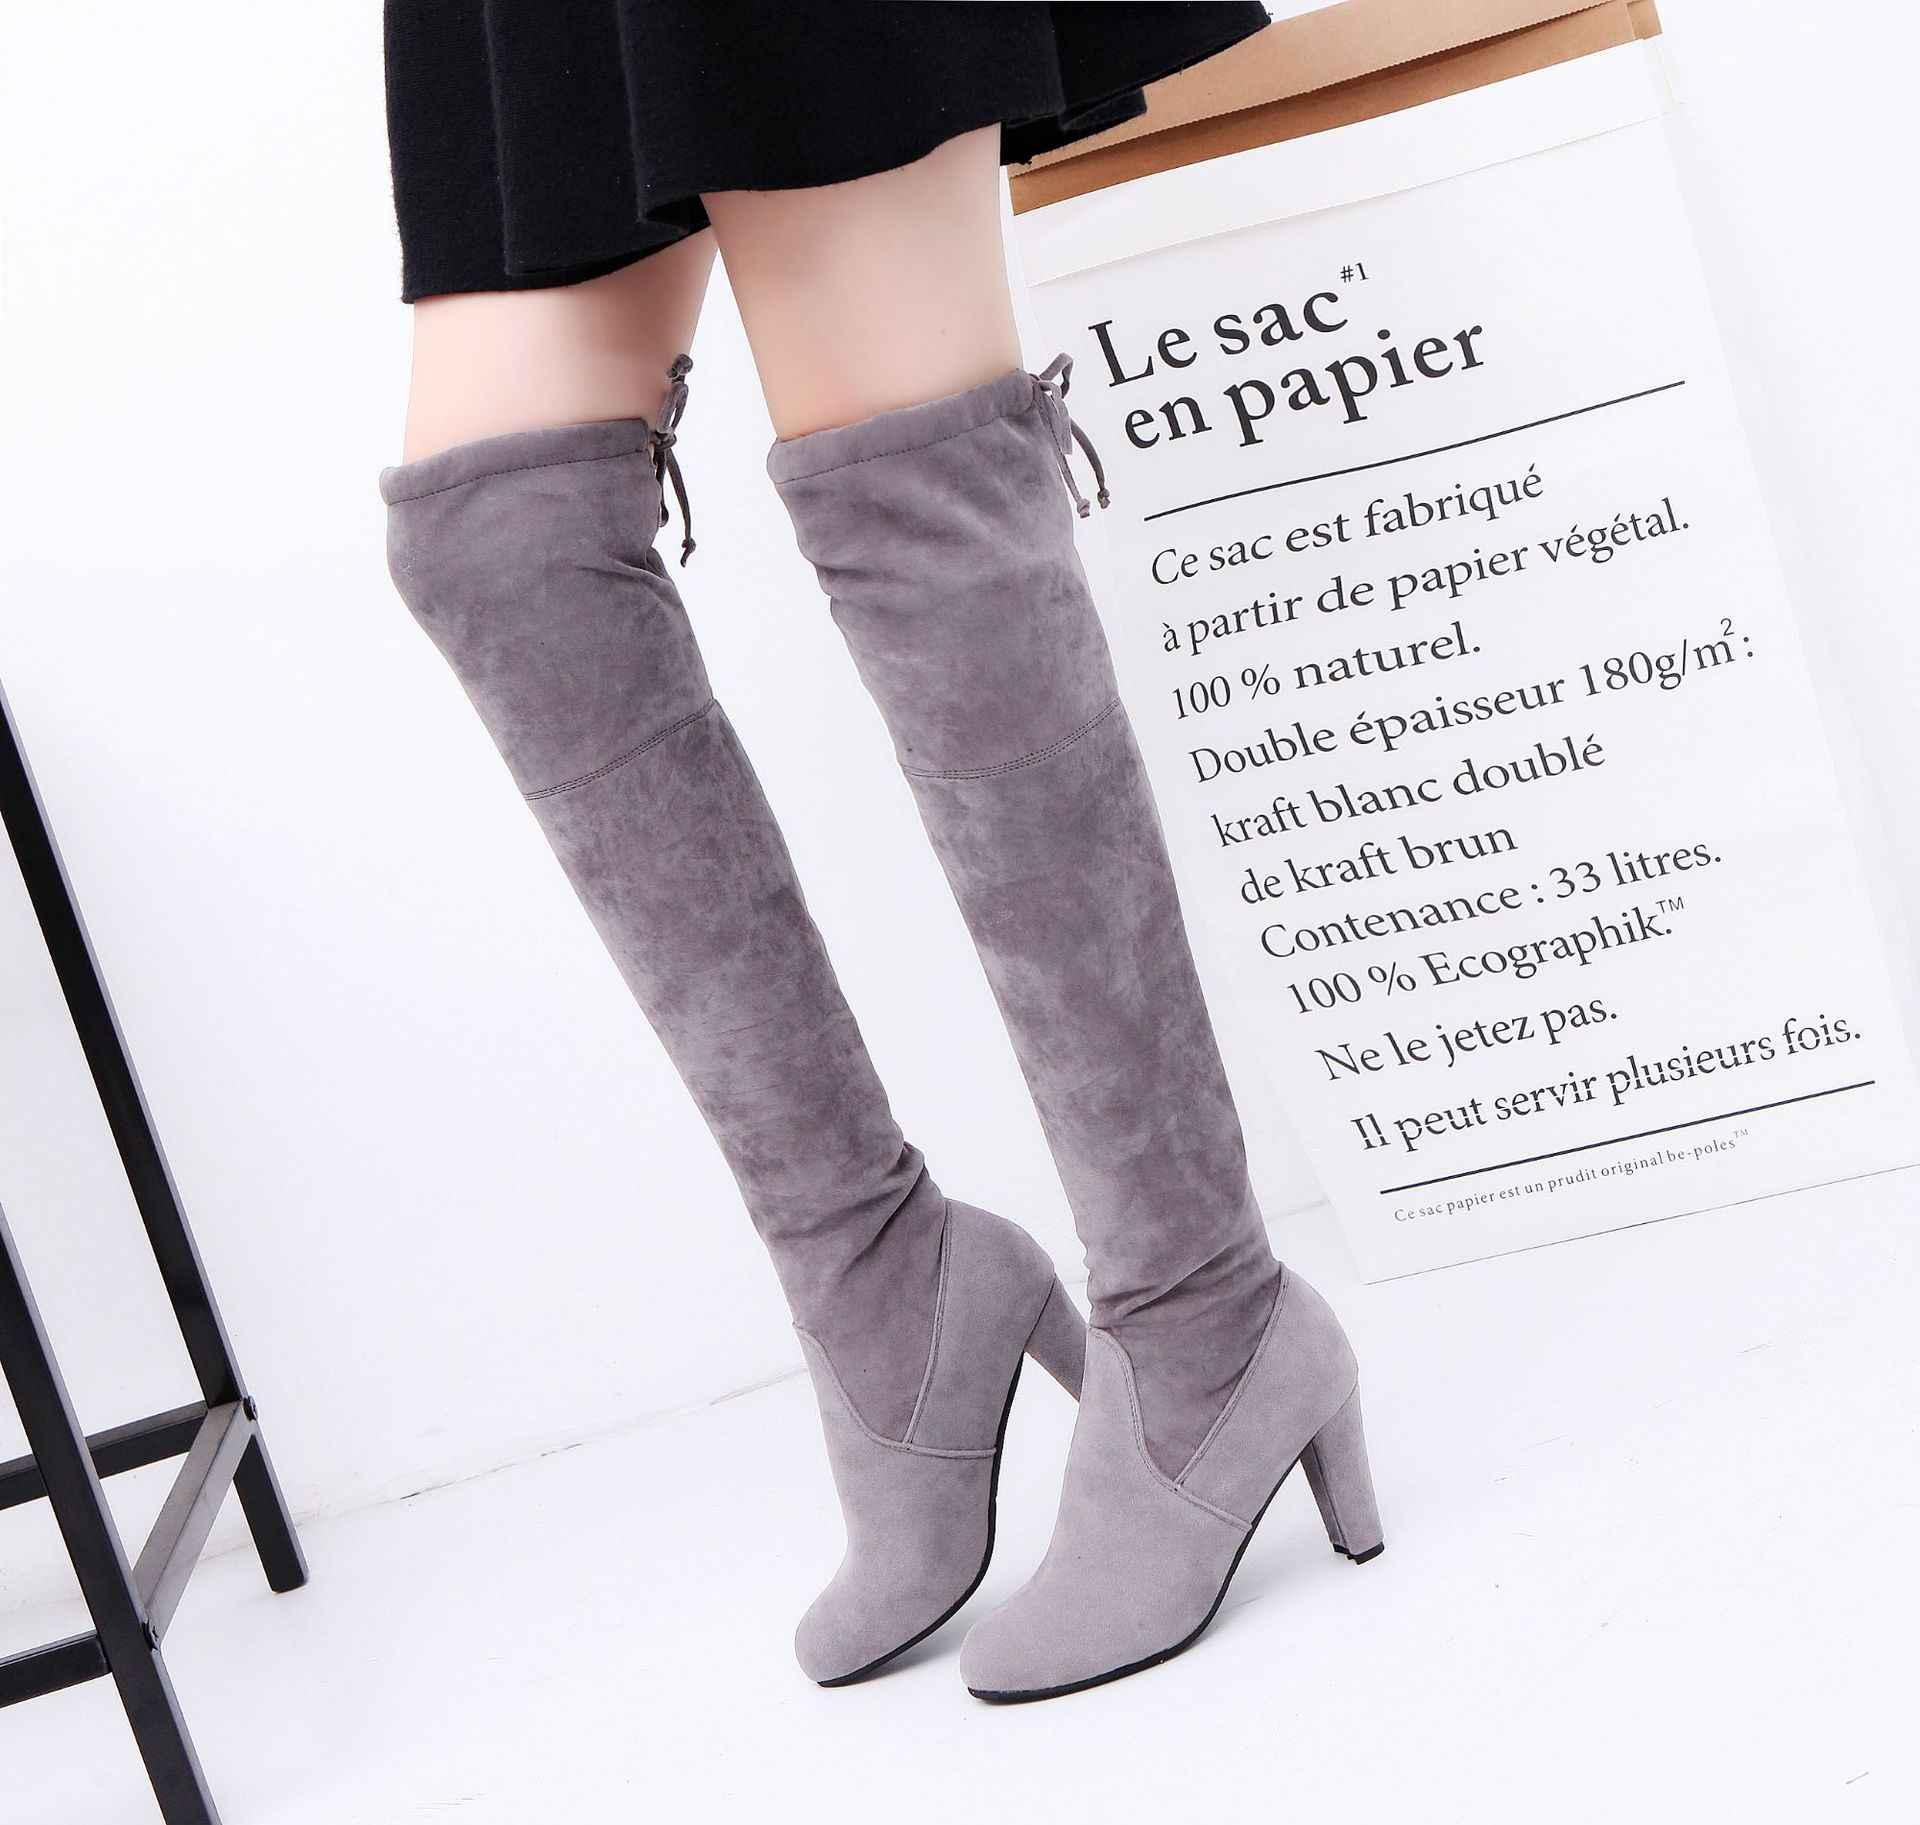 Kadın çizme Faux süet kadın diz botları Lace Up seksi yüksek topuklu ayakkabılar kadın kadın ince uyluk yüksek çizmeler 2019